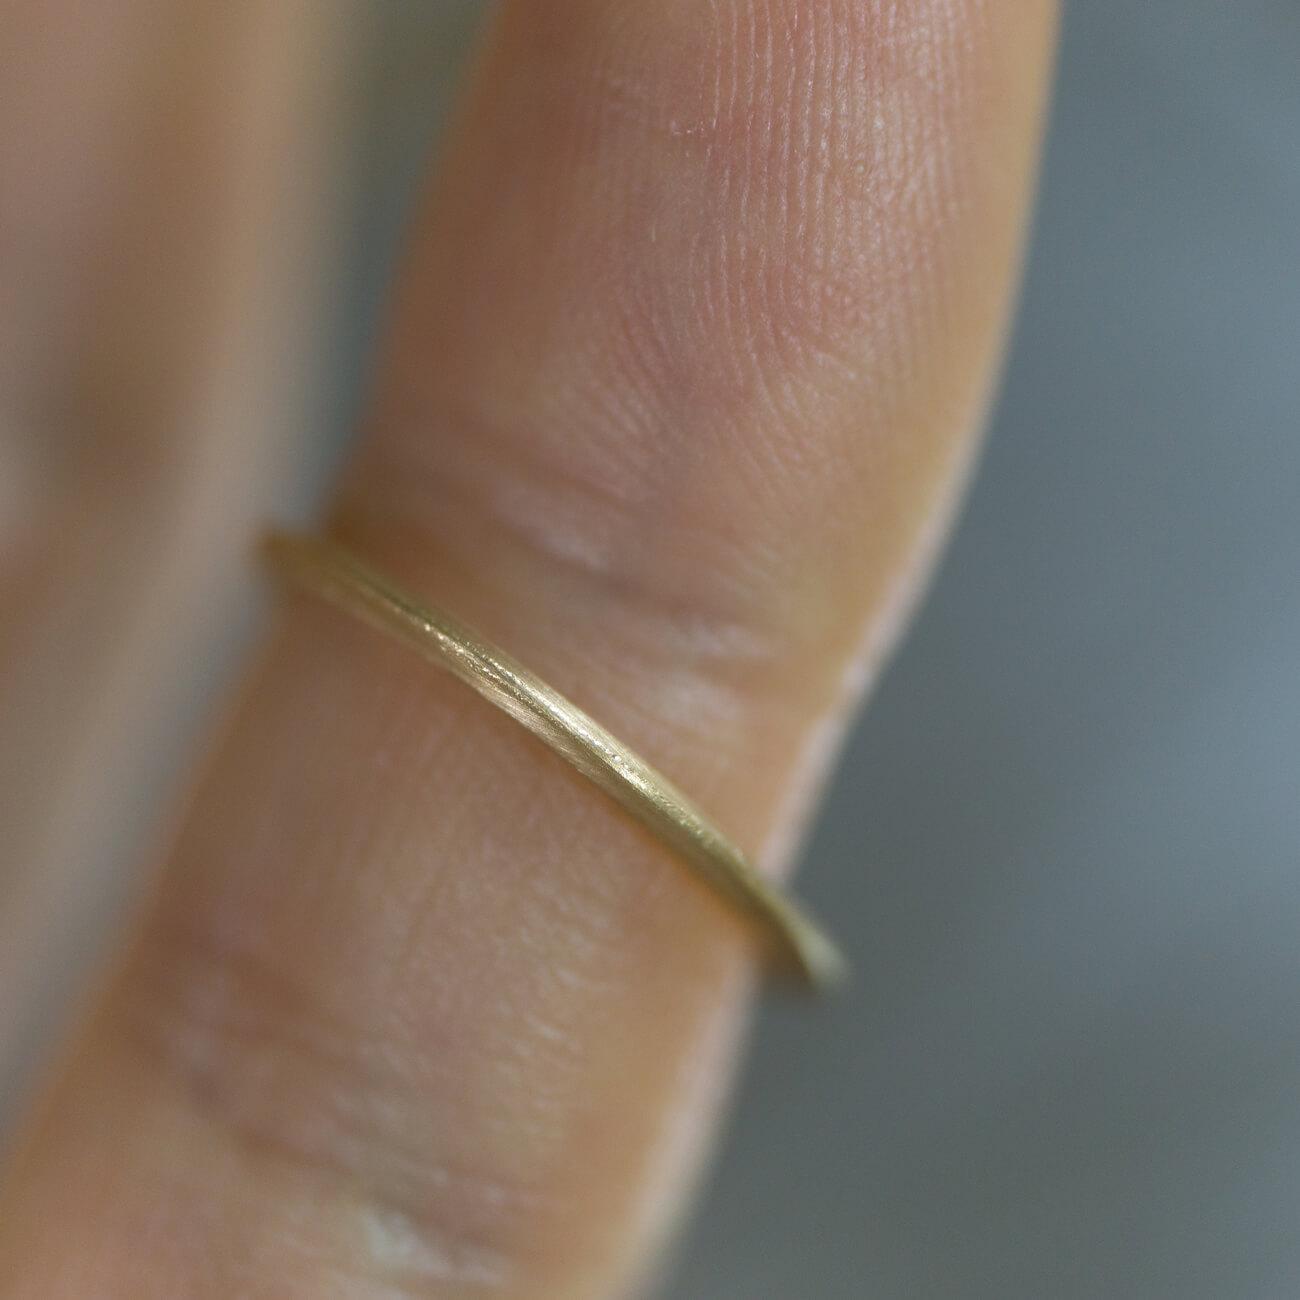 場面2 指につけて オーダーメイドマリッジリングの制作風景 ジュエリーのアトリエ 作業場に指輪 ゴールド 屋久島で作る結婚指輪